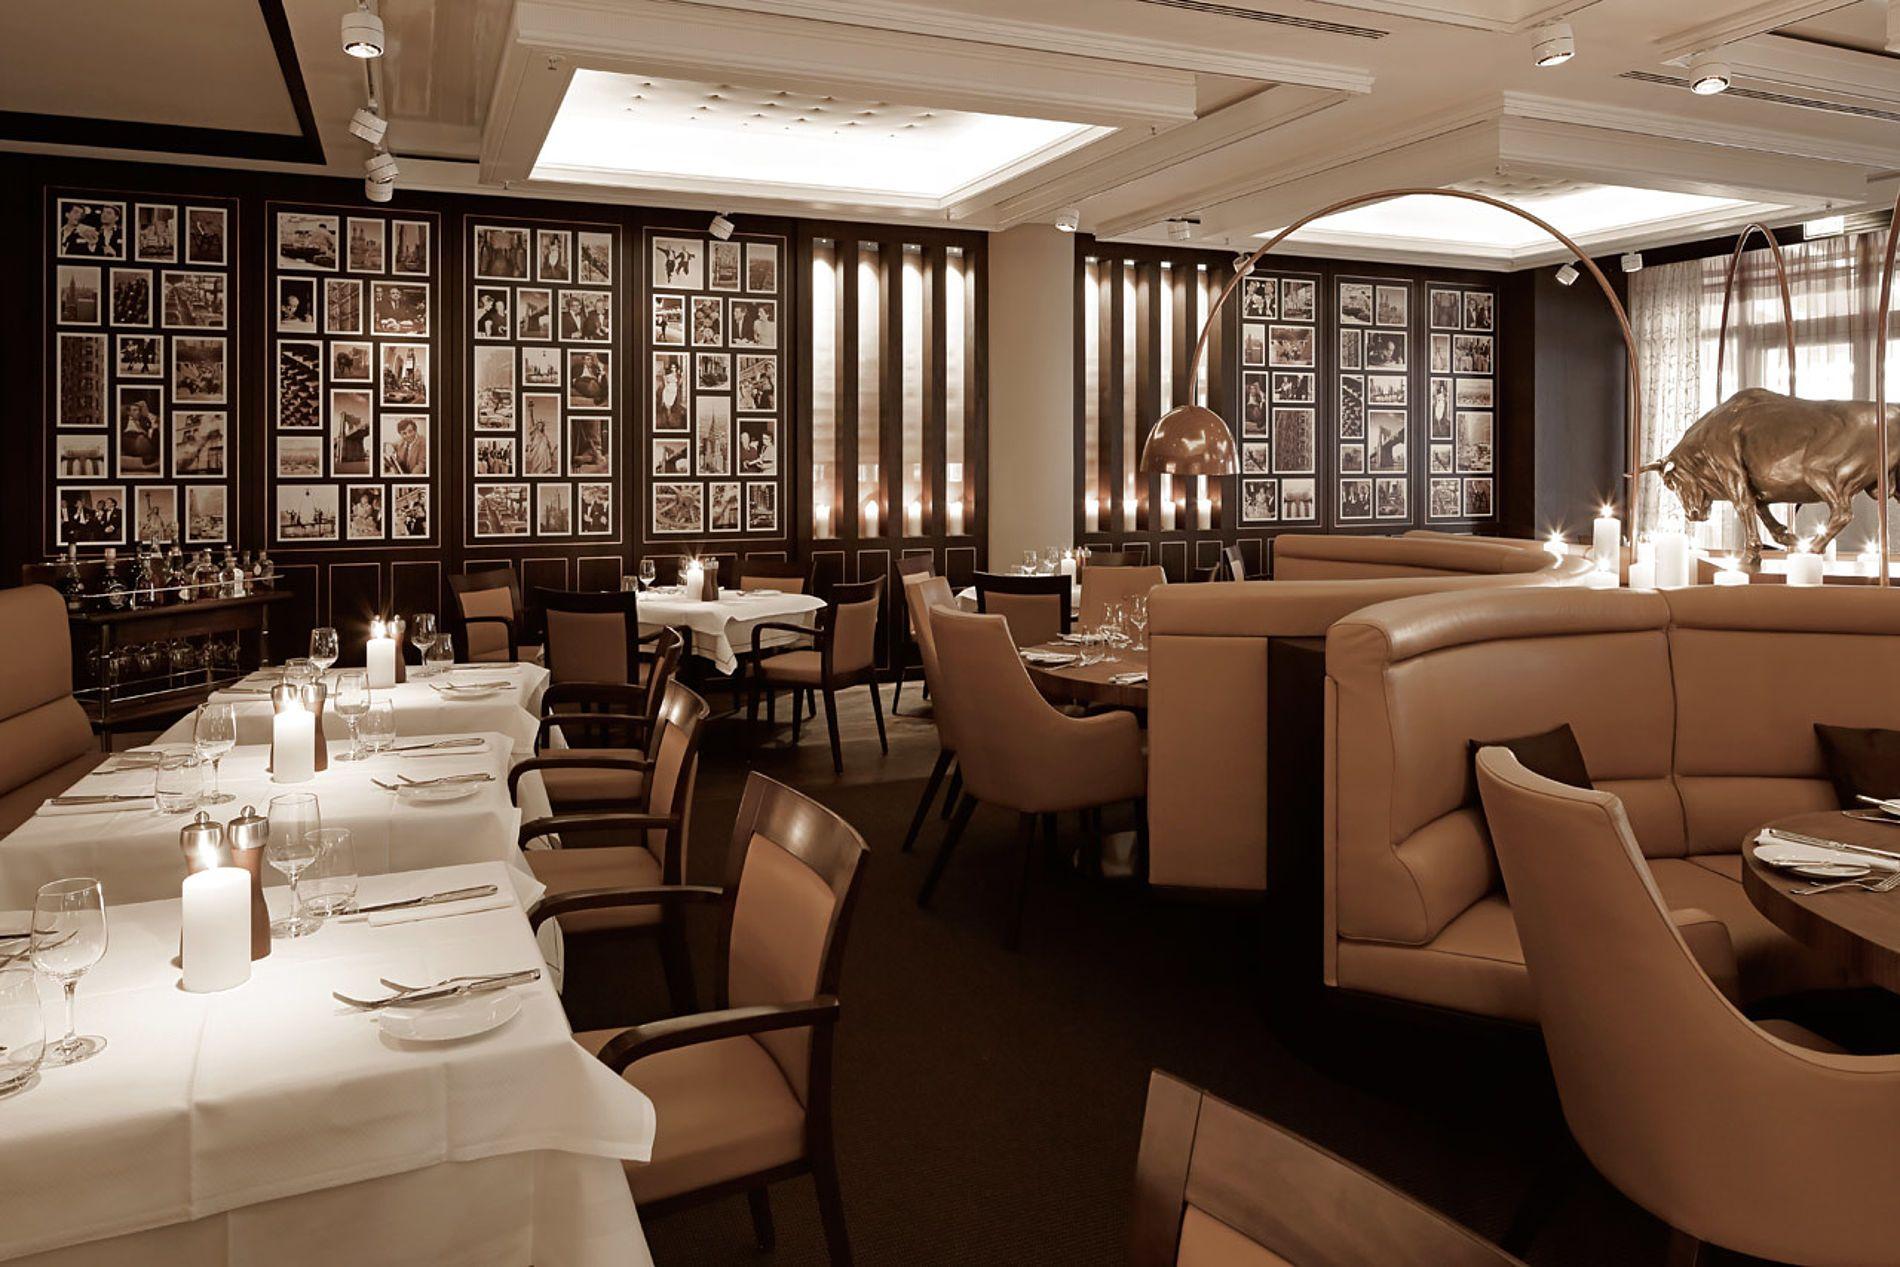 Küchengeschäft Hamburg einrichtung ambiente tische und stühle im steak restaurant theo s